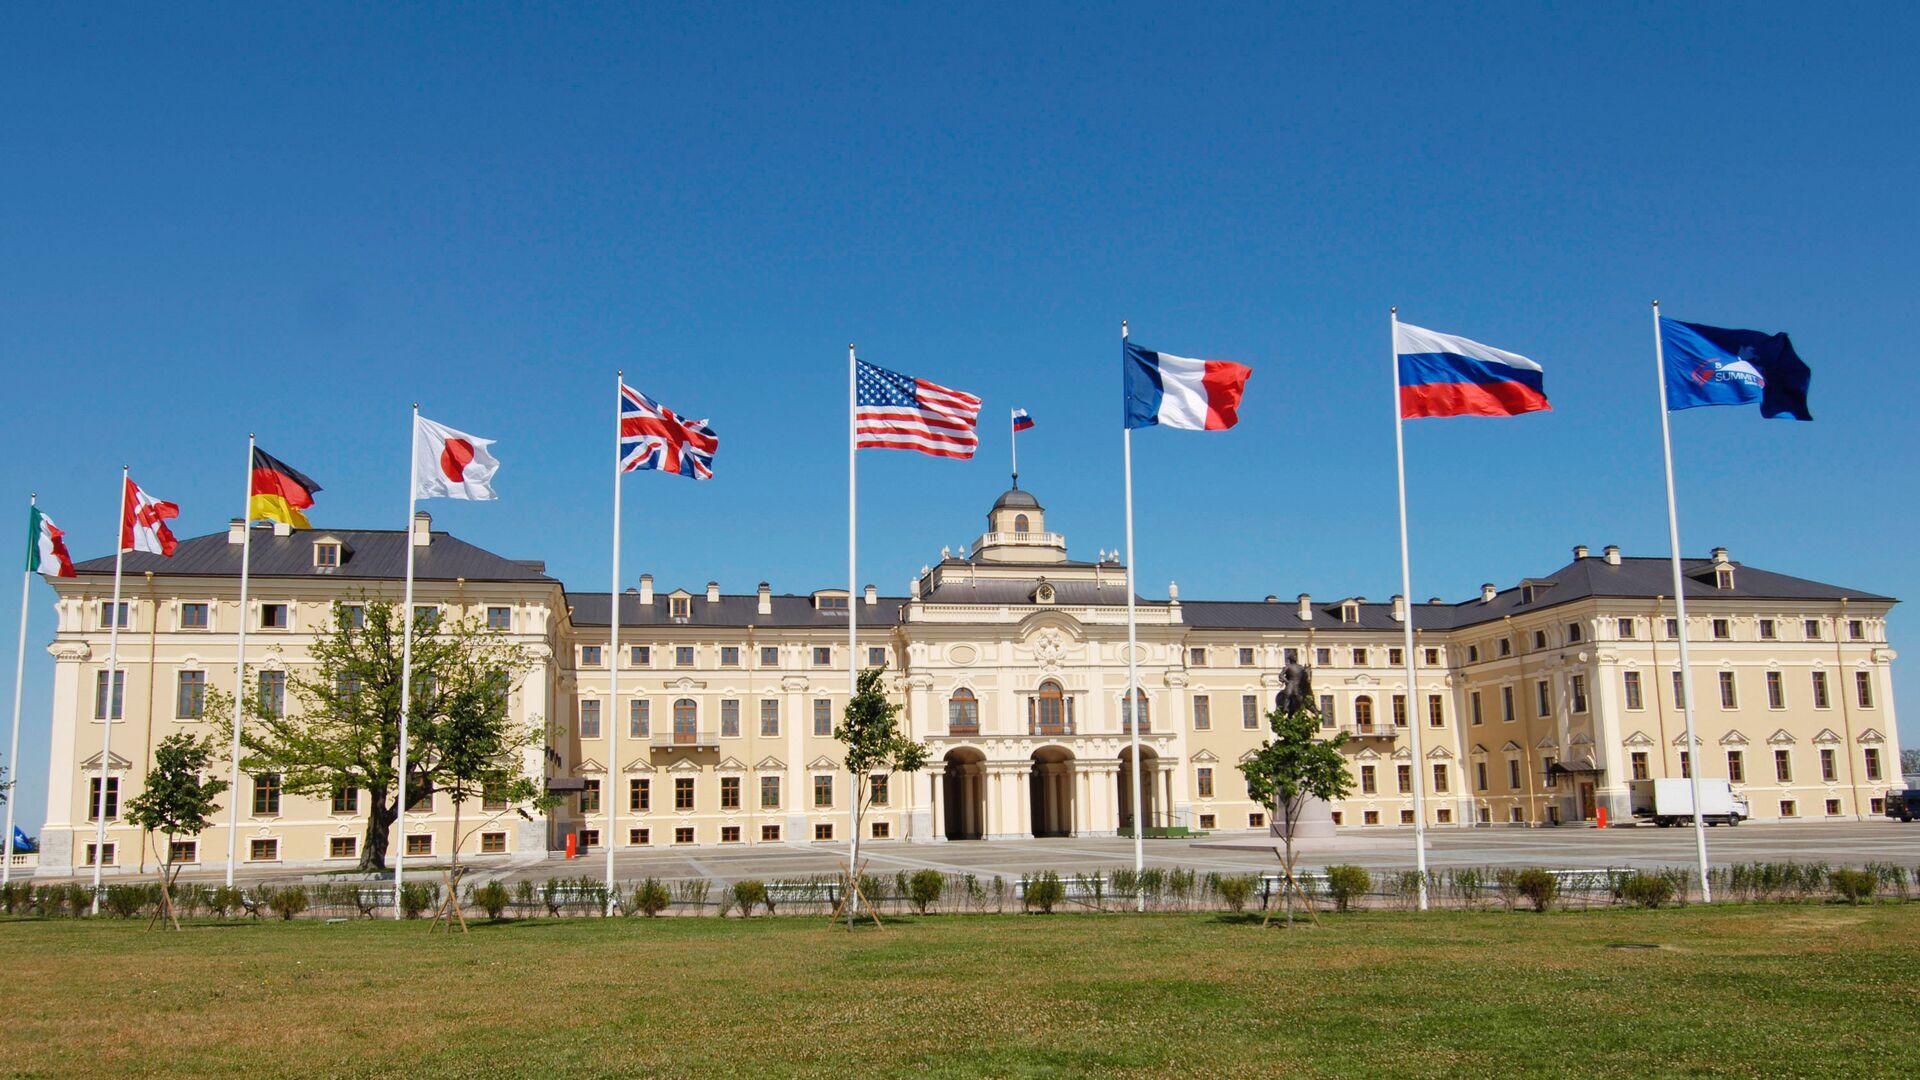 Flagi państw członkowskich G8 przed Pałacem Konstantinowskim pod Petersburgiem - Sputnik Polska, 1920, 05.09.2021